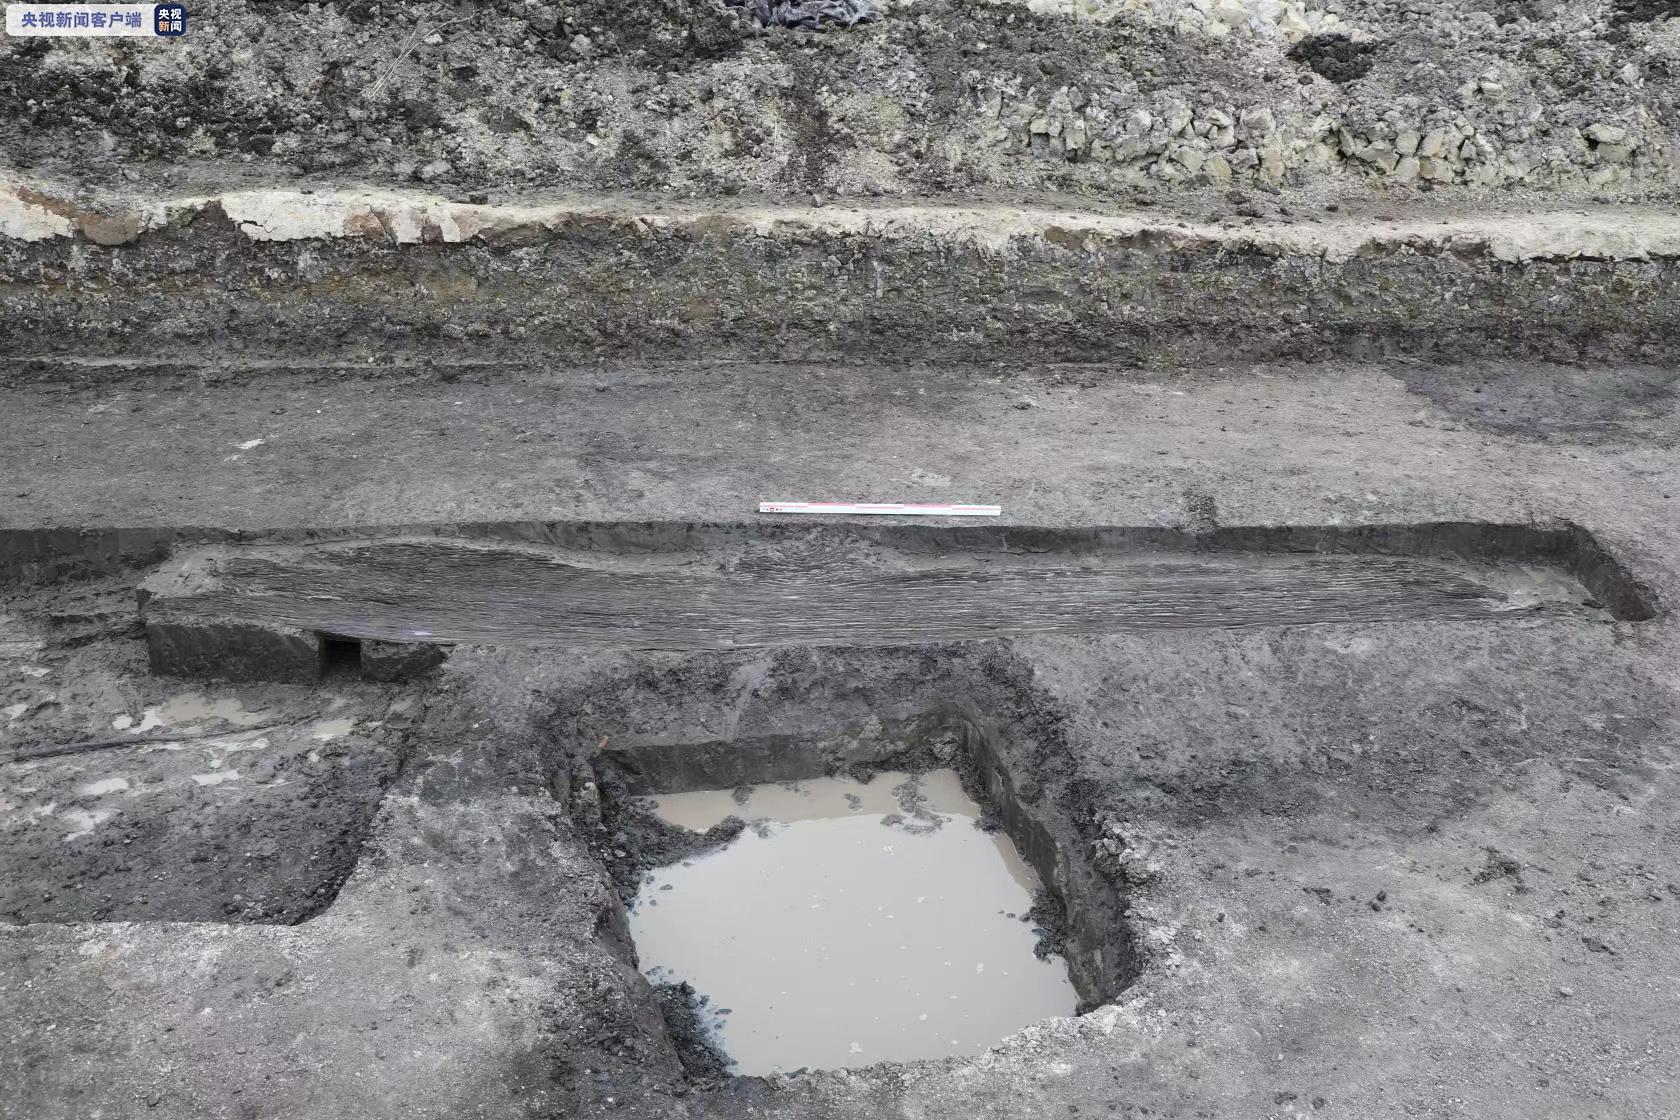 浙江余姚发现第三艘史前独木舟,距今约4900年